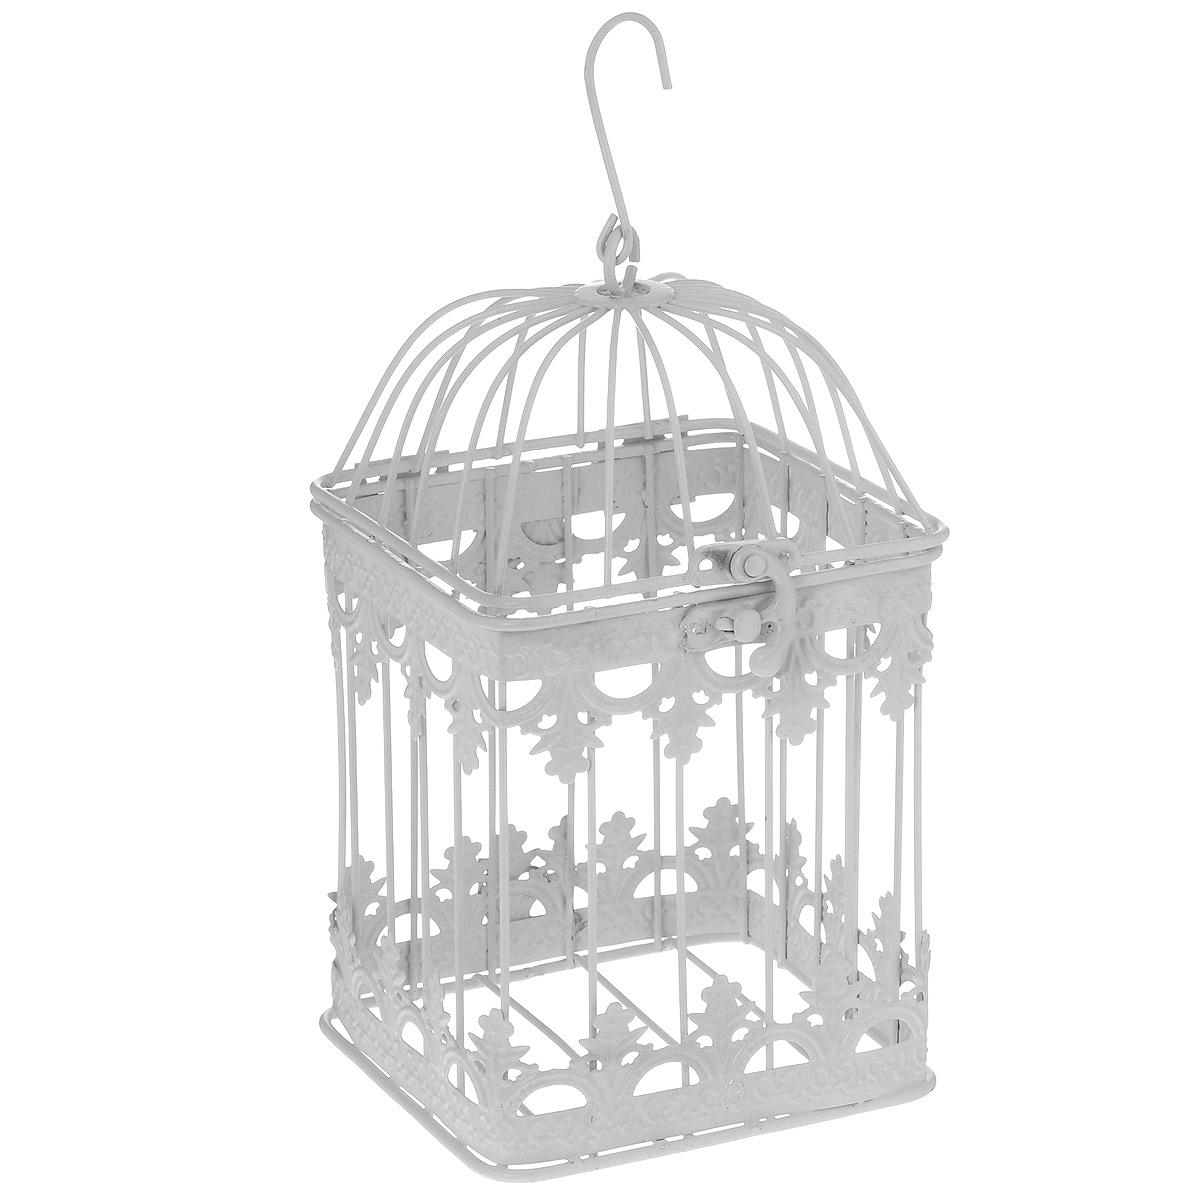 Клетка декоративная Ажурная, цвет: белый, 12 х 21 см36817Декоративная клетка Ажурная выполнена из высококачественного металла. Изделие украшено изящными коваными узорами. Клетка оснащена крышкой, которая закрывается на специальный замок. На крышке имеется крючок, за который клетку можно повесить в любое удобное место. Такая клетка подойдет для декора интерьера дома или офиса. Кроме того - это отличный вариант подарка для ваших близких и друзей. Диаметр клетки: 12 см. Высота клетки: 21 см.